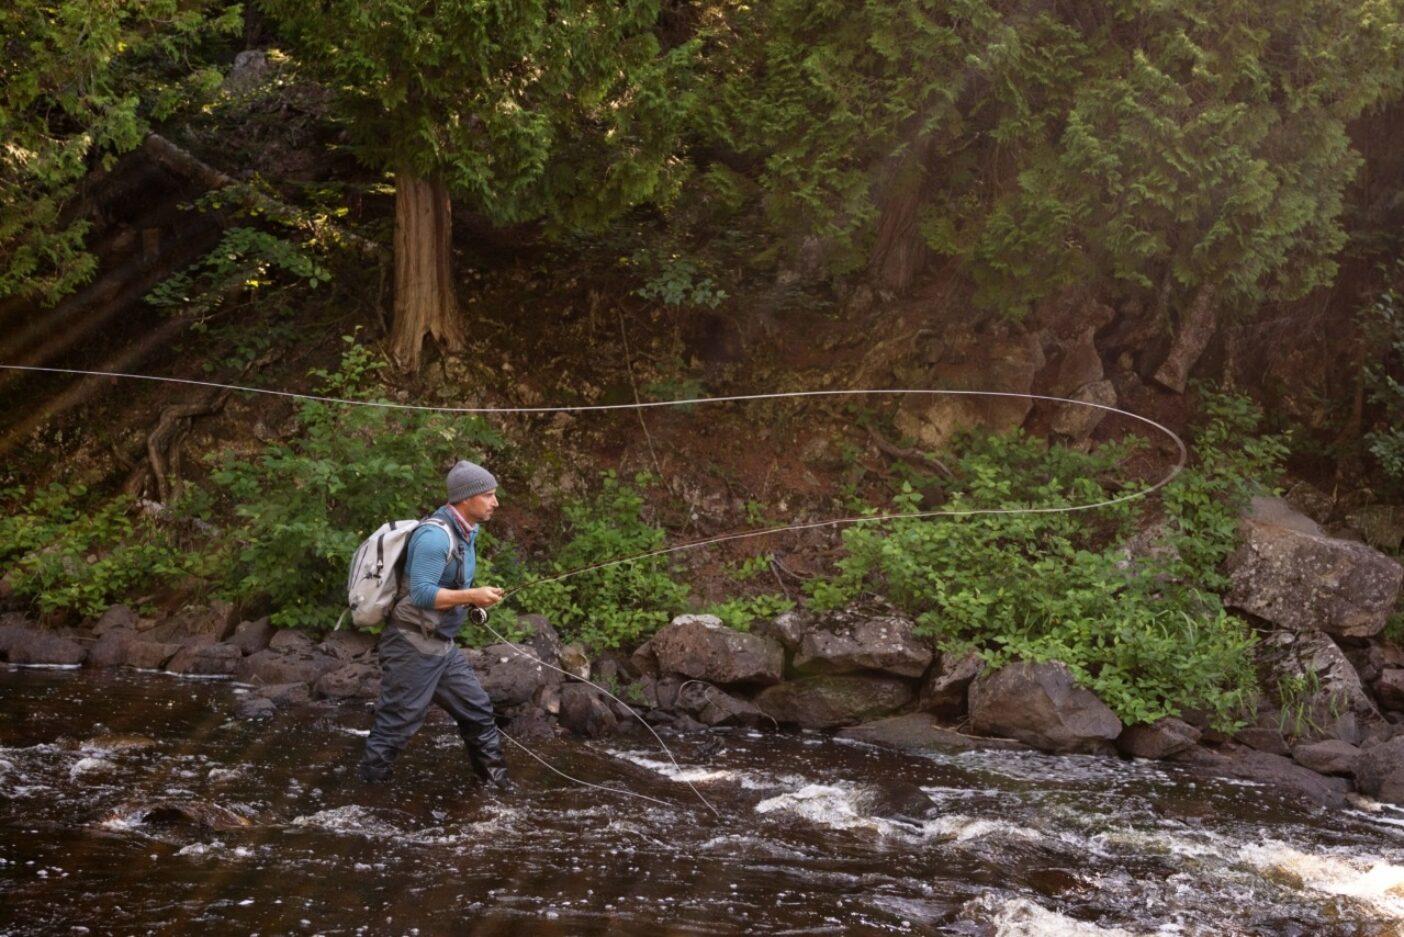 彼と同じものをください:野生のトラウト、美しい天気、人気のない川、そして大きなホッパー。Photo : TONY CZECH